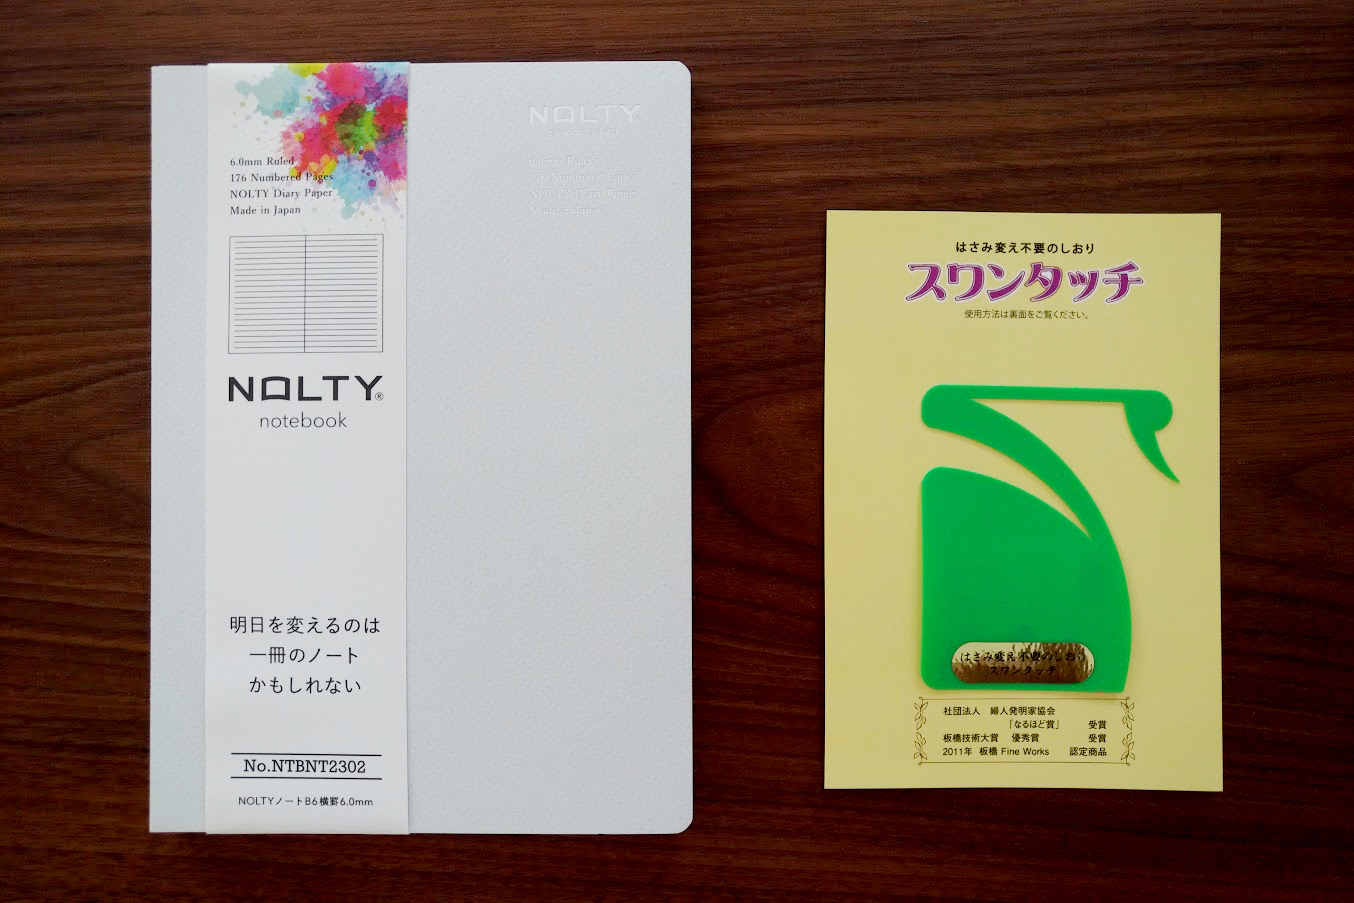 NOLTY notebookダイアリーペーパー